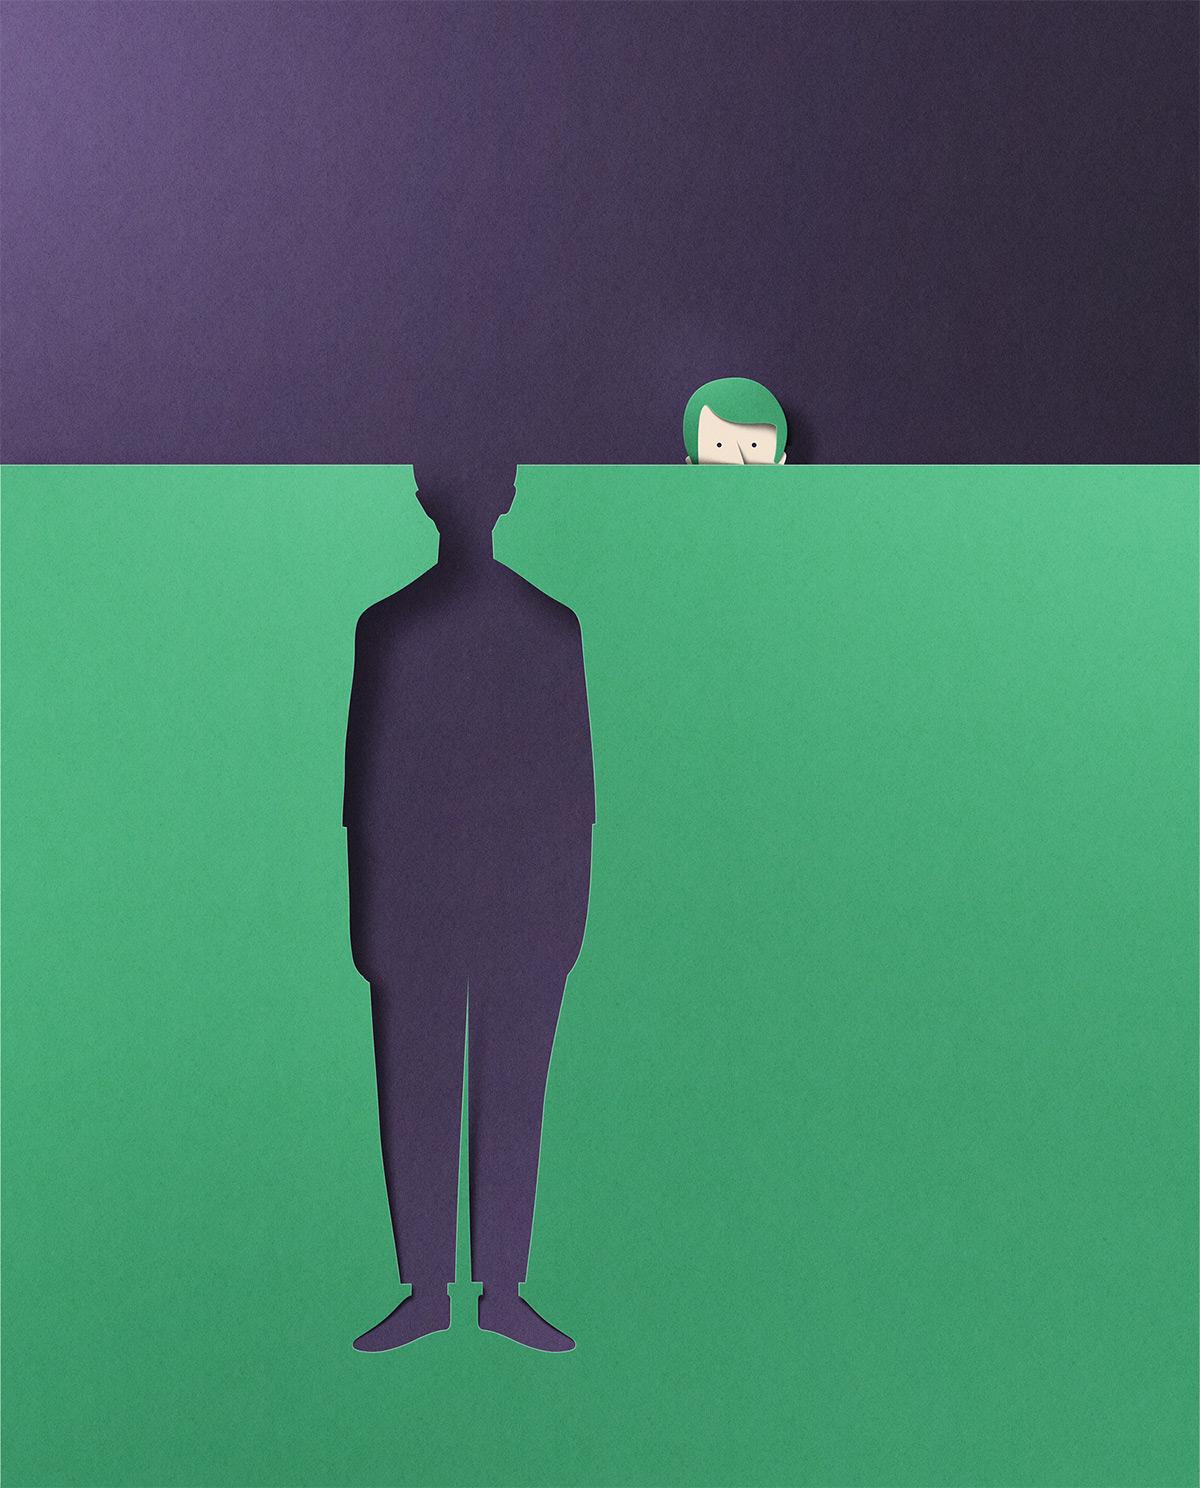 La paper art minimale di Eiko Ojala | Collater.al 10